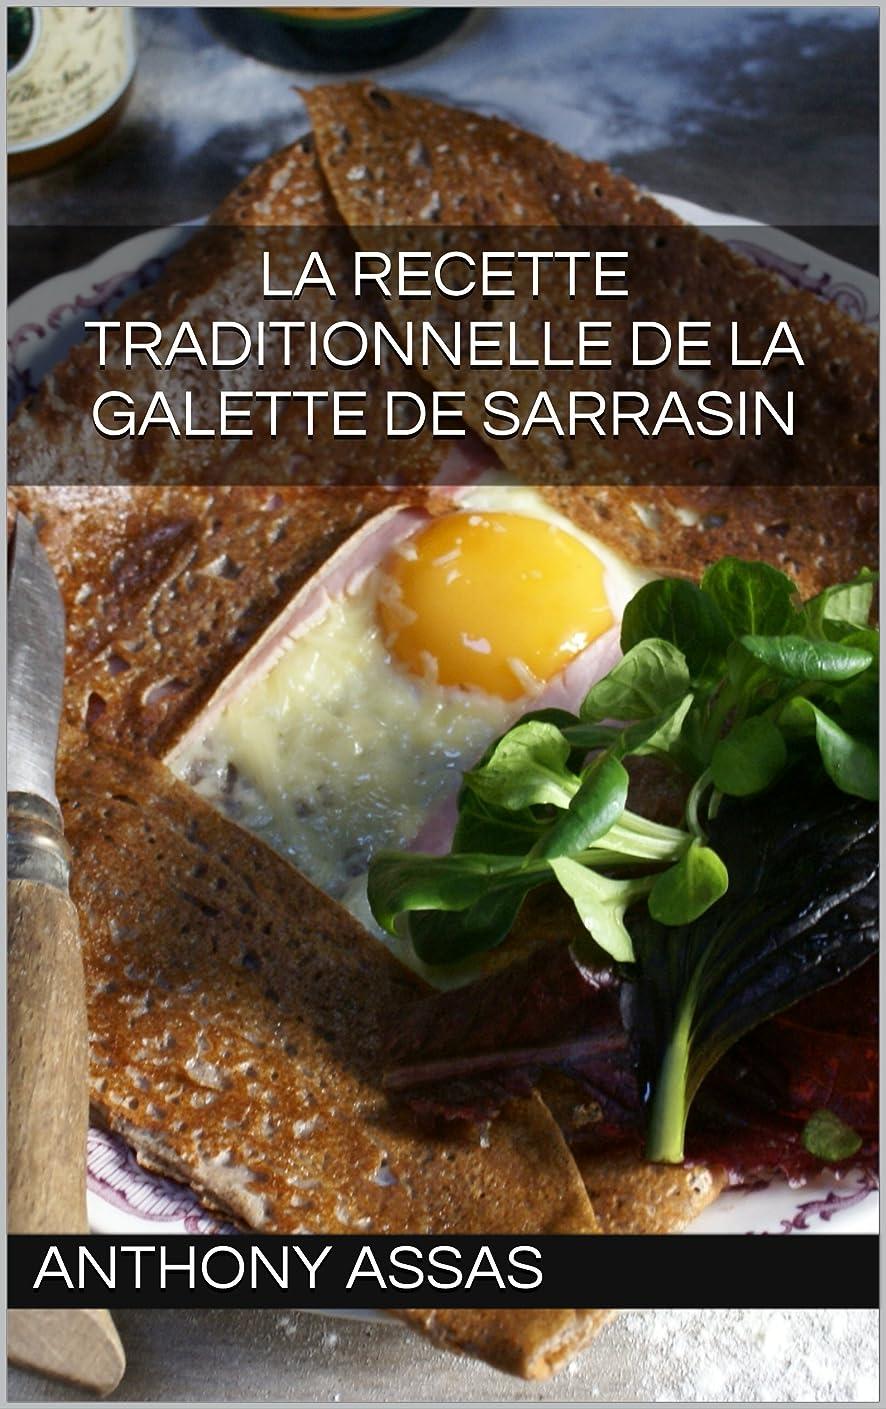 静的アリアセンブリLa recette traditionnelle de la galette de sarrasin: Une recette authentique (Gastronomie Bretonne t. 1) (French Edition)